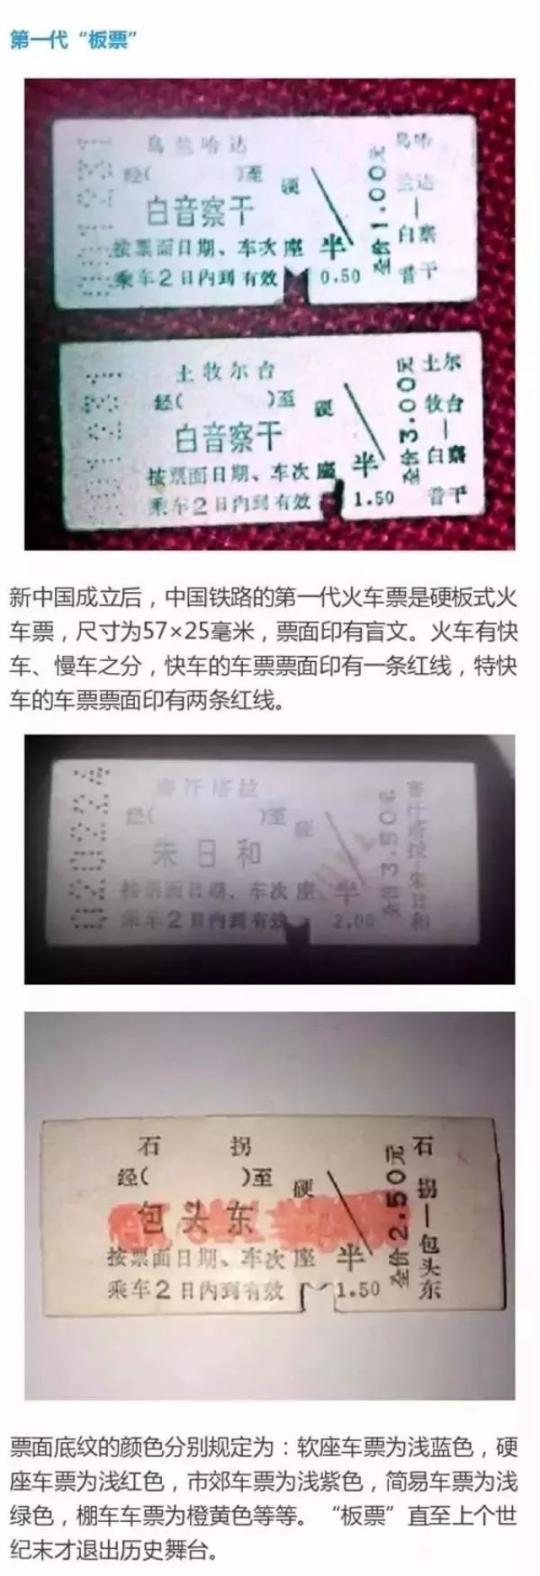 图片来源:蒙京快线